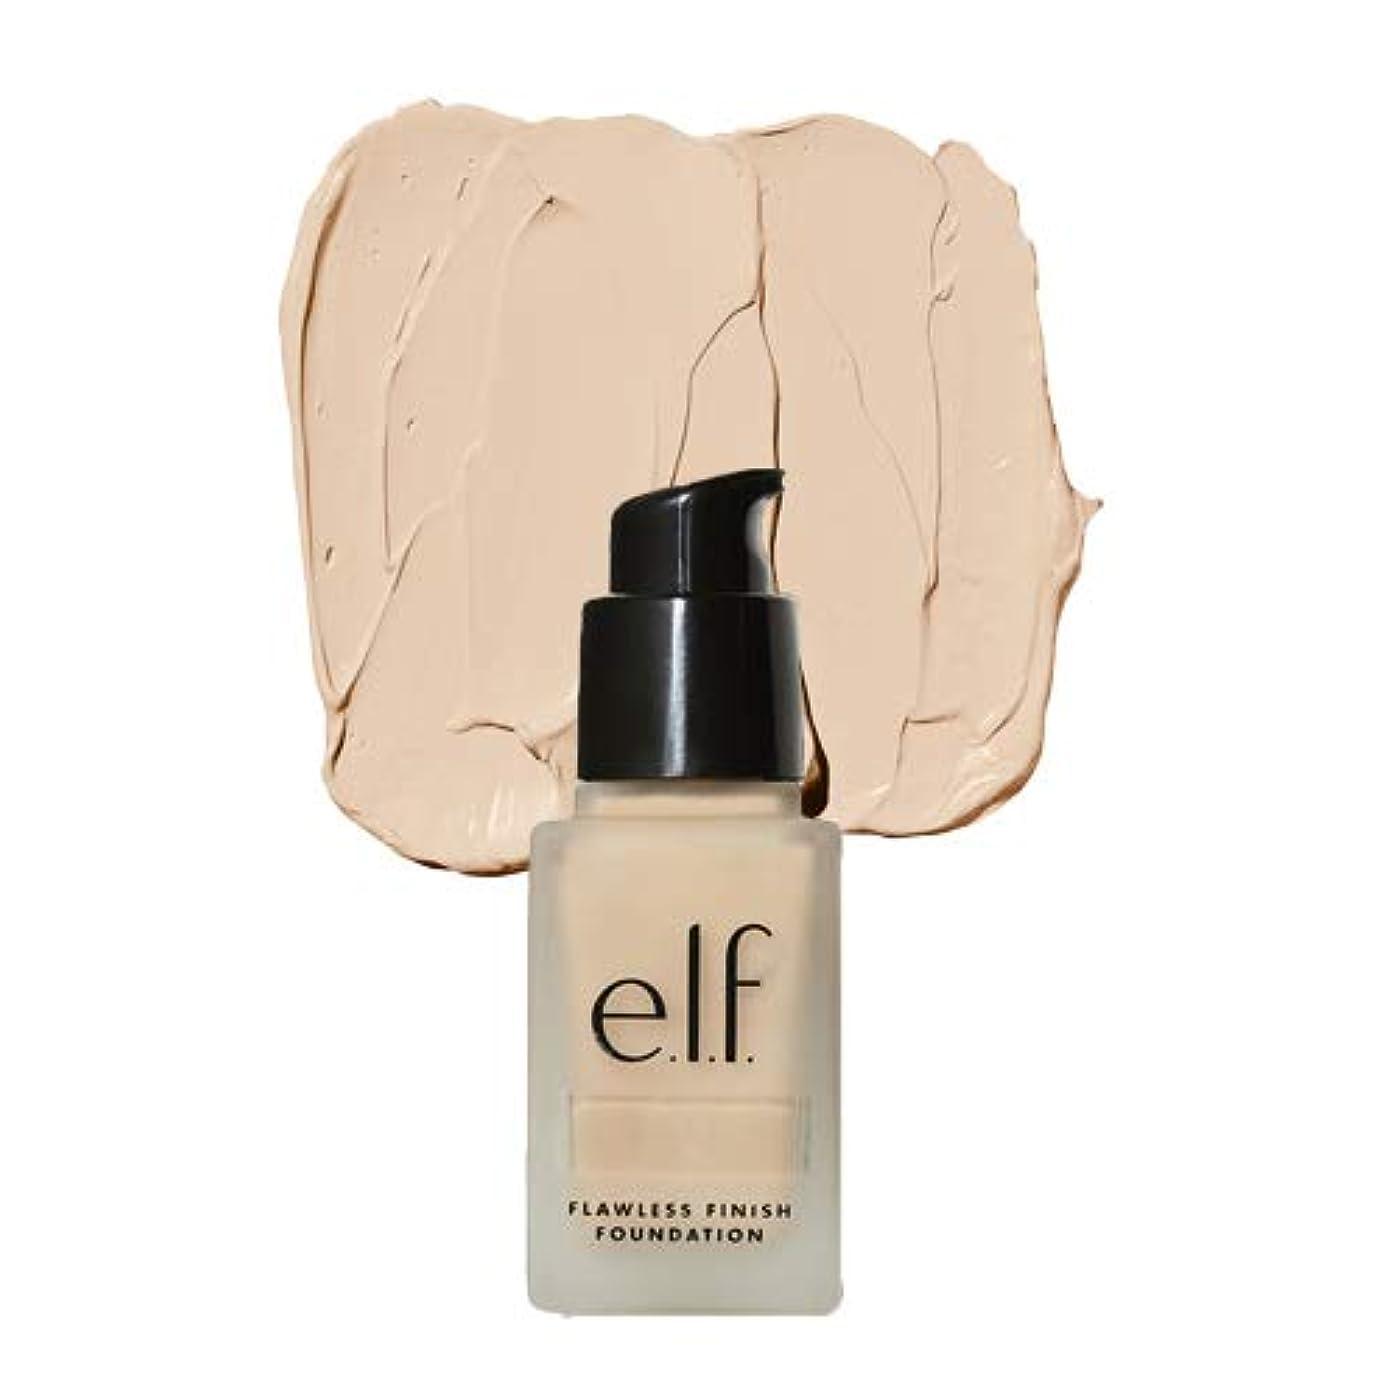 効果的に売上高逃げる(3 Pack) e.l.f. Oil Free Flawless Finish Foundation - Beige (並行輸入品)